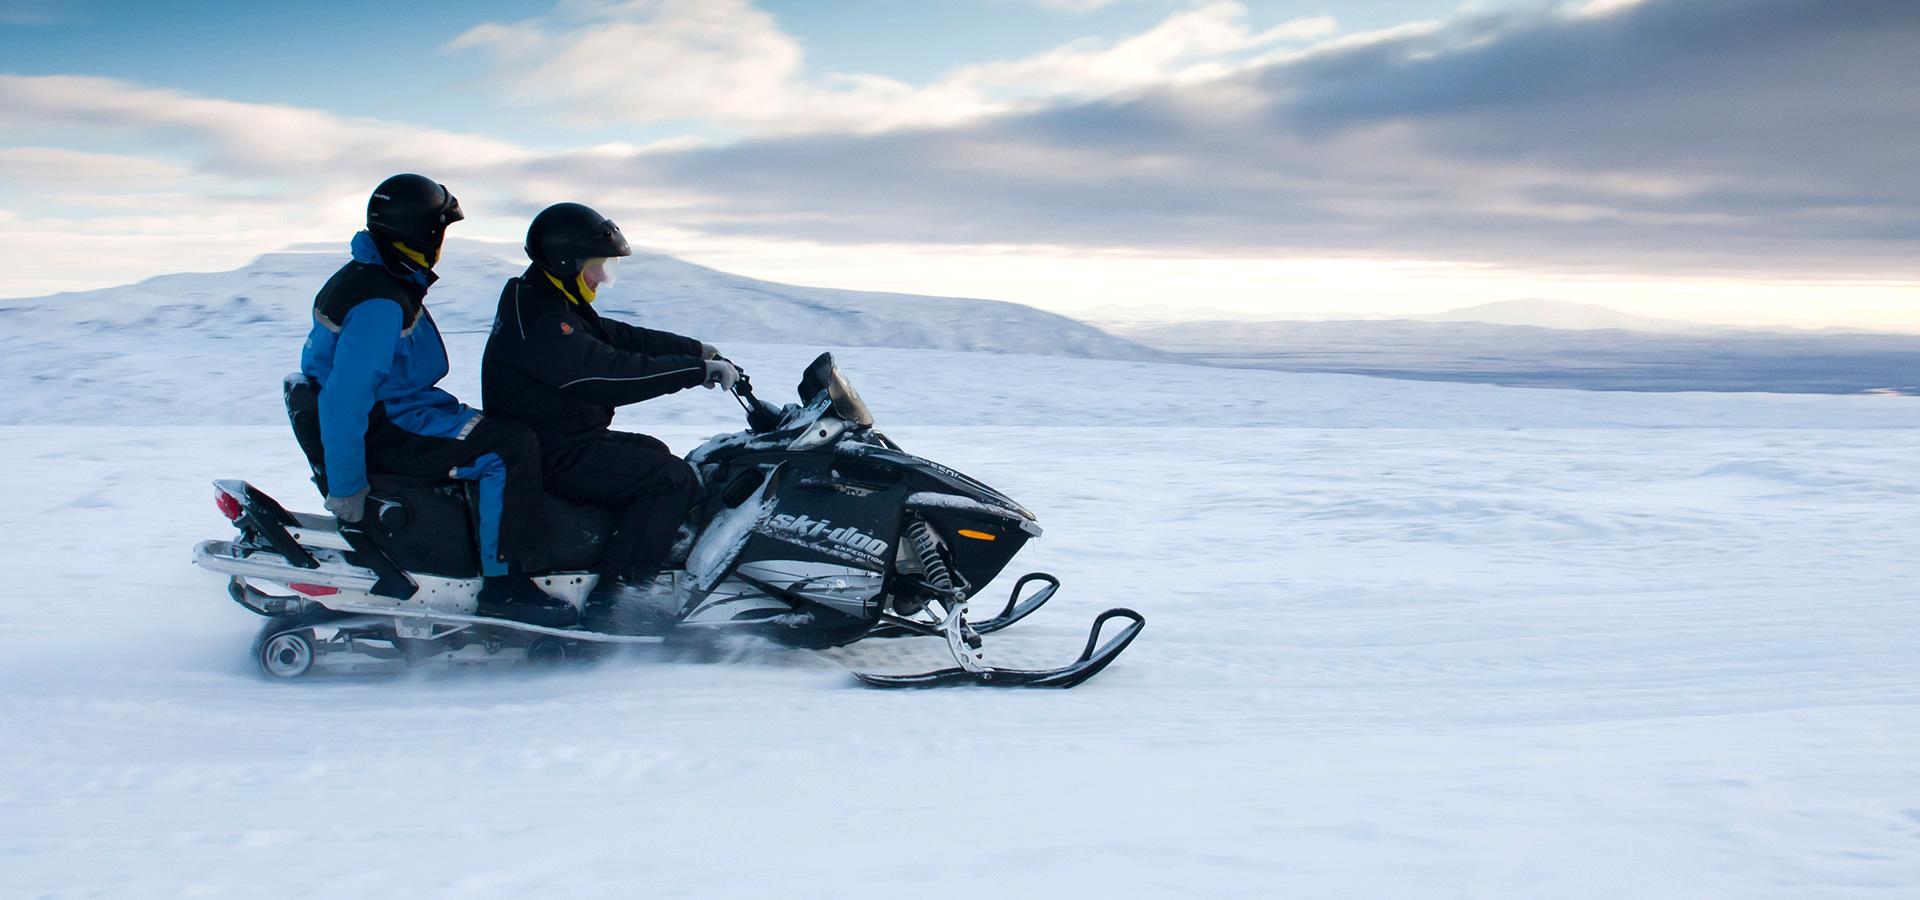 Wycieczki skuterami śnieżnymi na Islandii to idealne rozwiązanie dla miłośników adrenaliny.